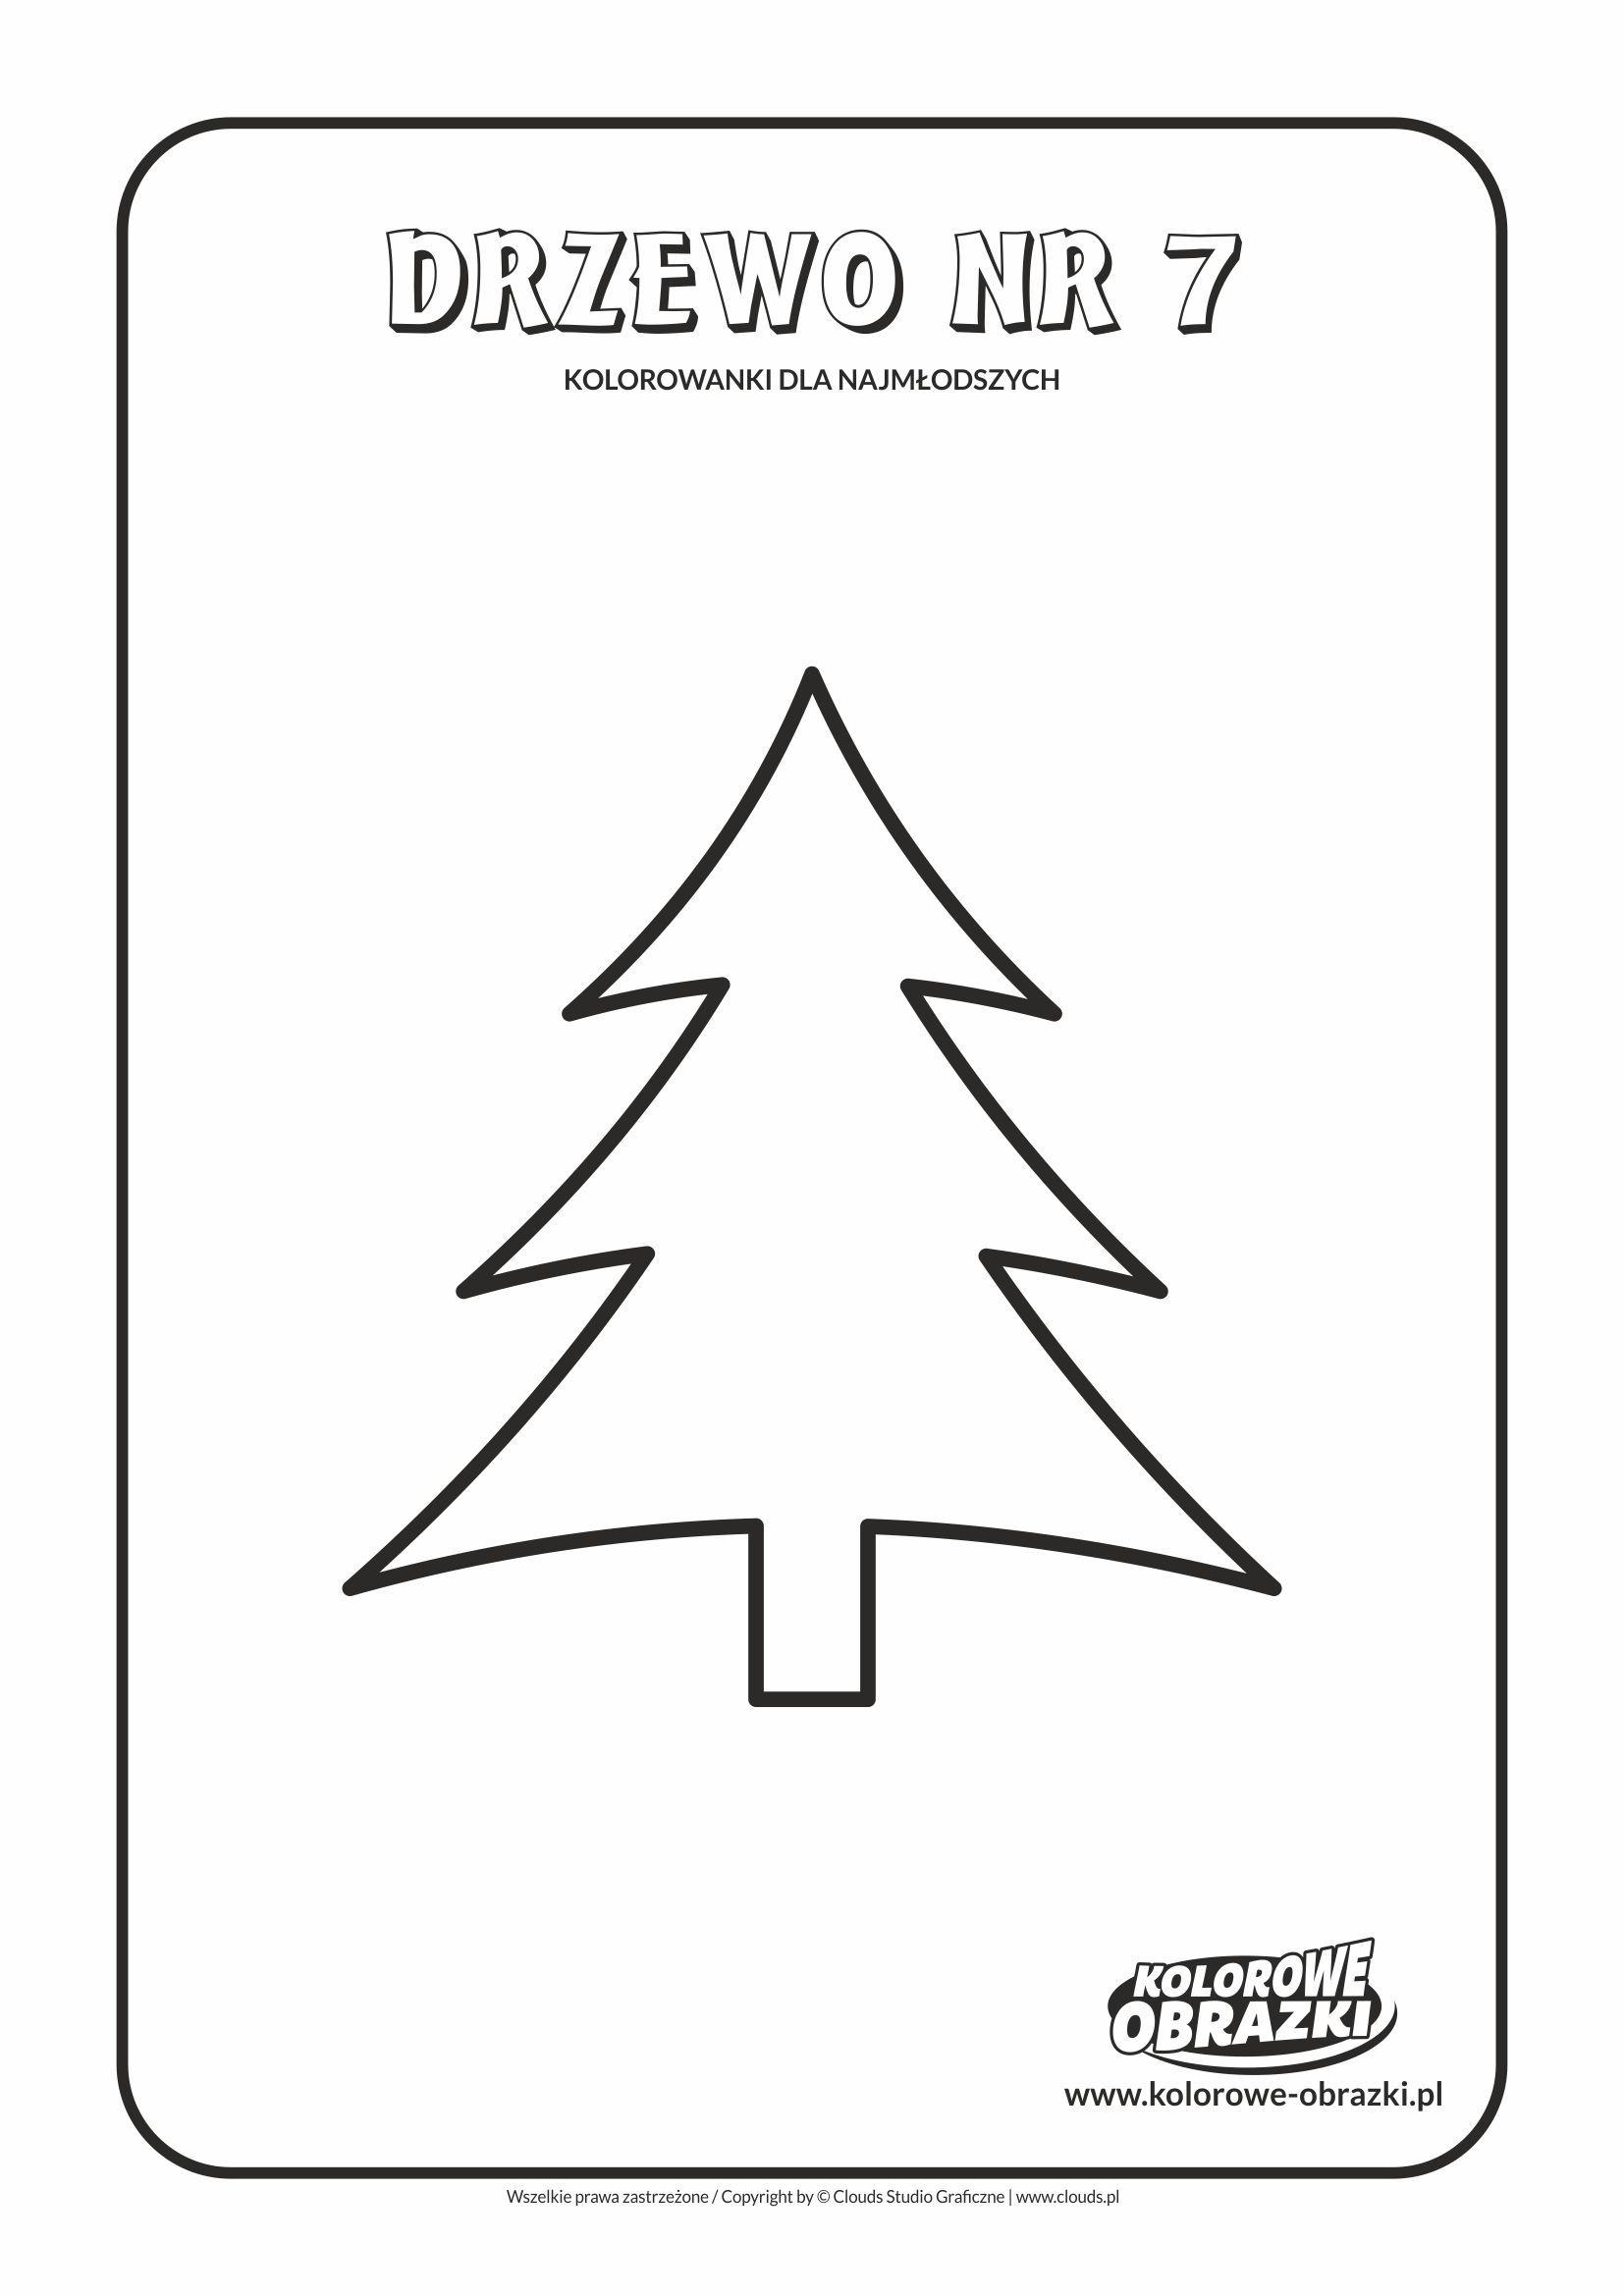 Proste Kolorowanki Dla Najmlodszych Drzewa Drzewo Nr 7 Kolorowanka Z Drzewem Gaming Logos Logos Atari Logo